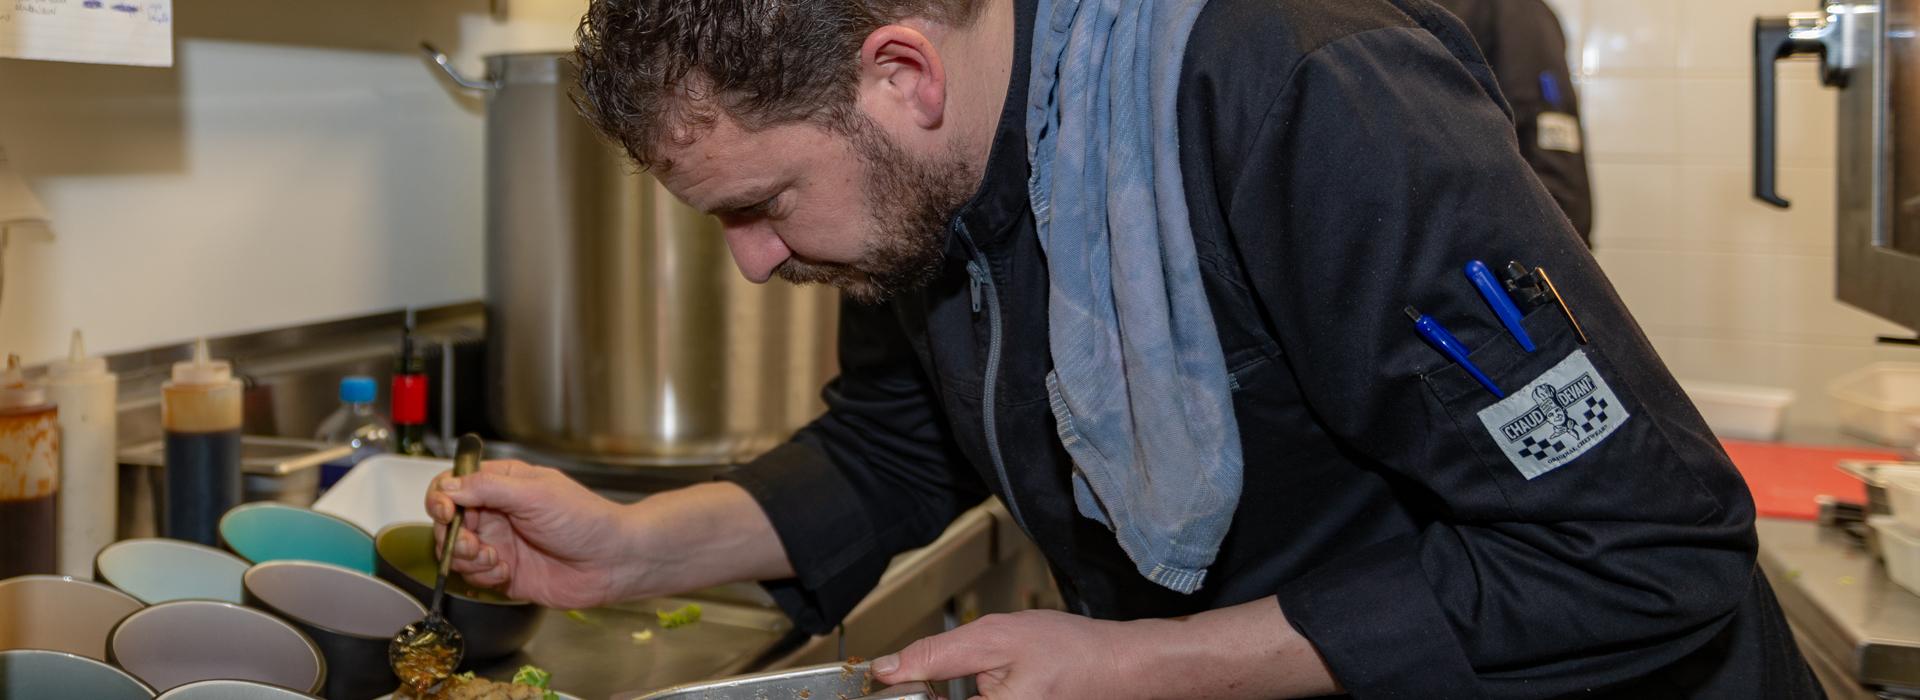 Café Lalalaa Den Bosch - chefkok